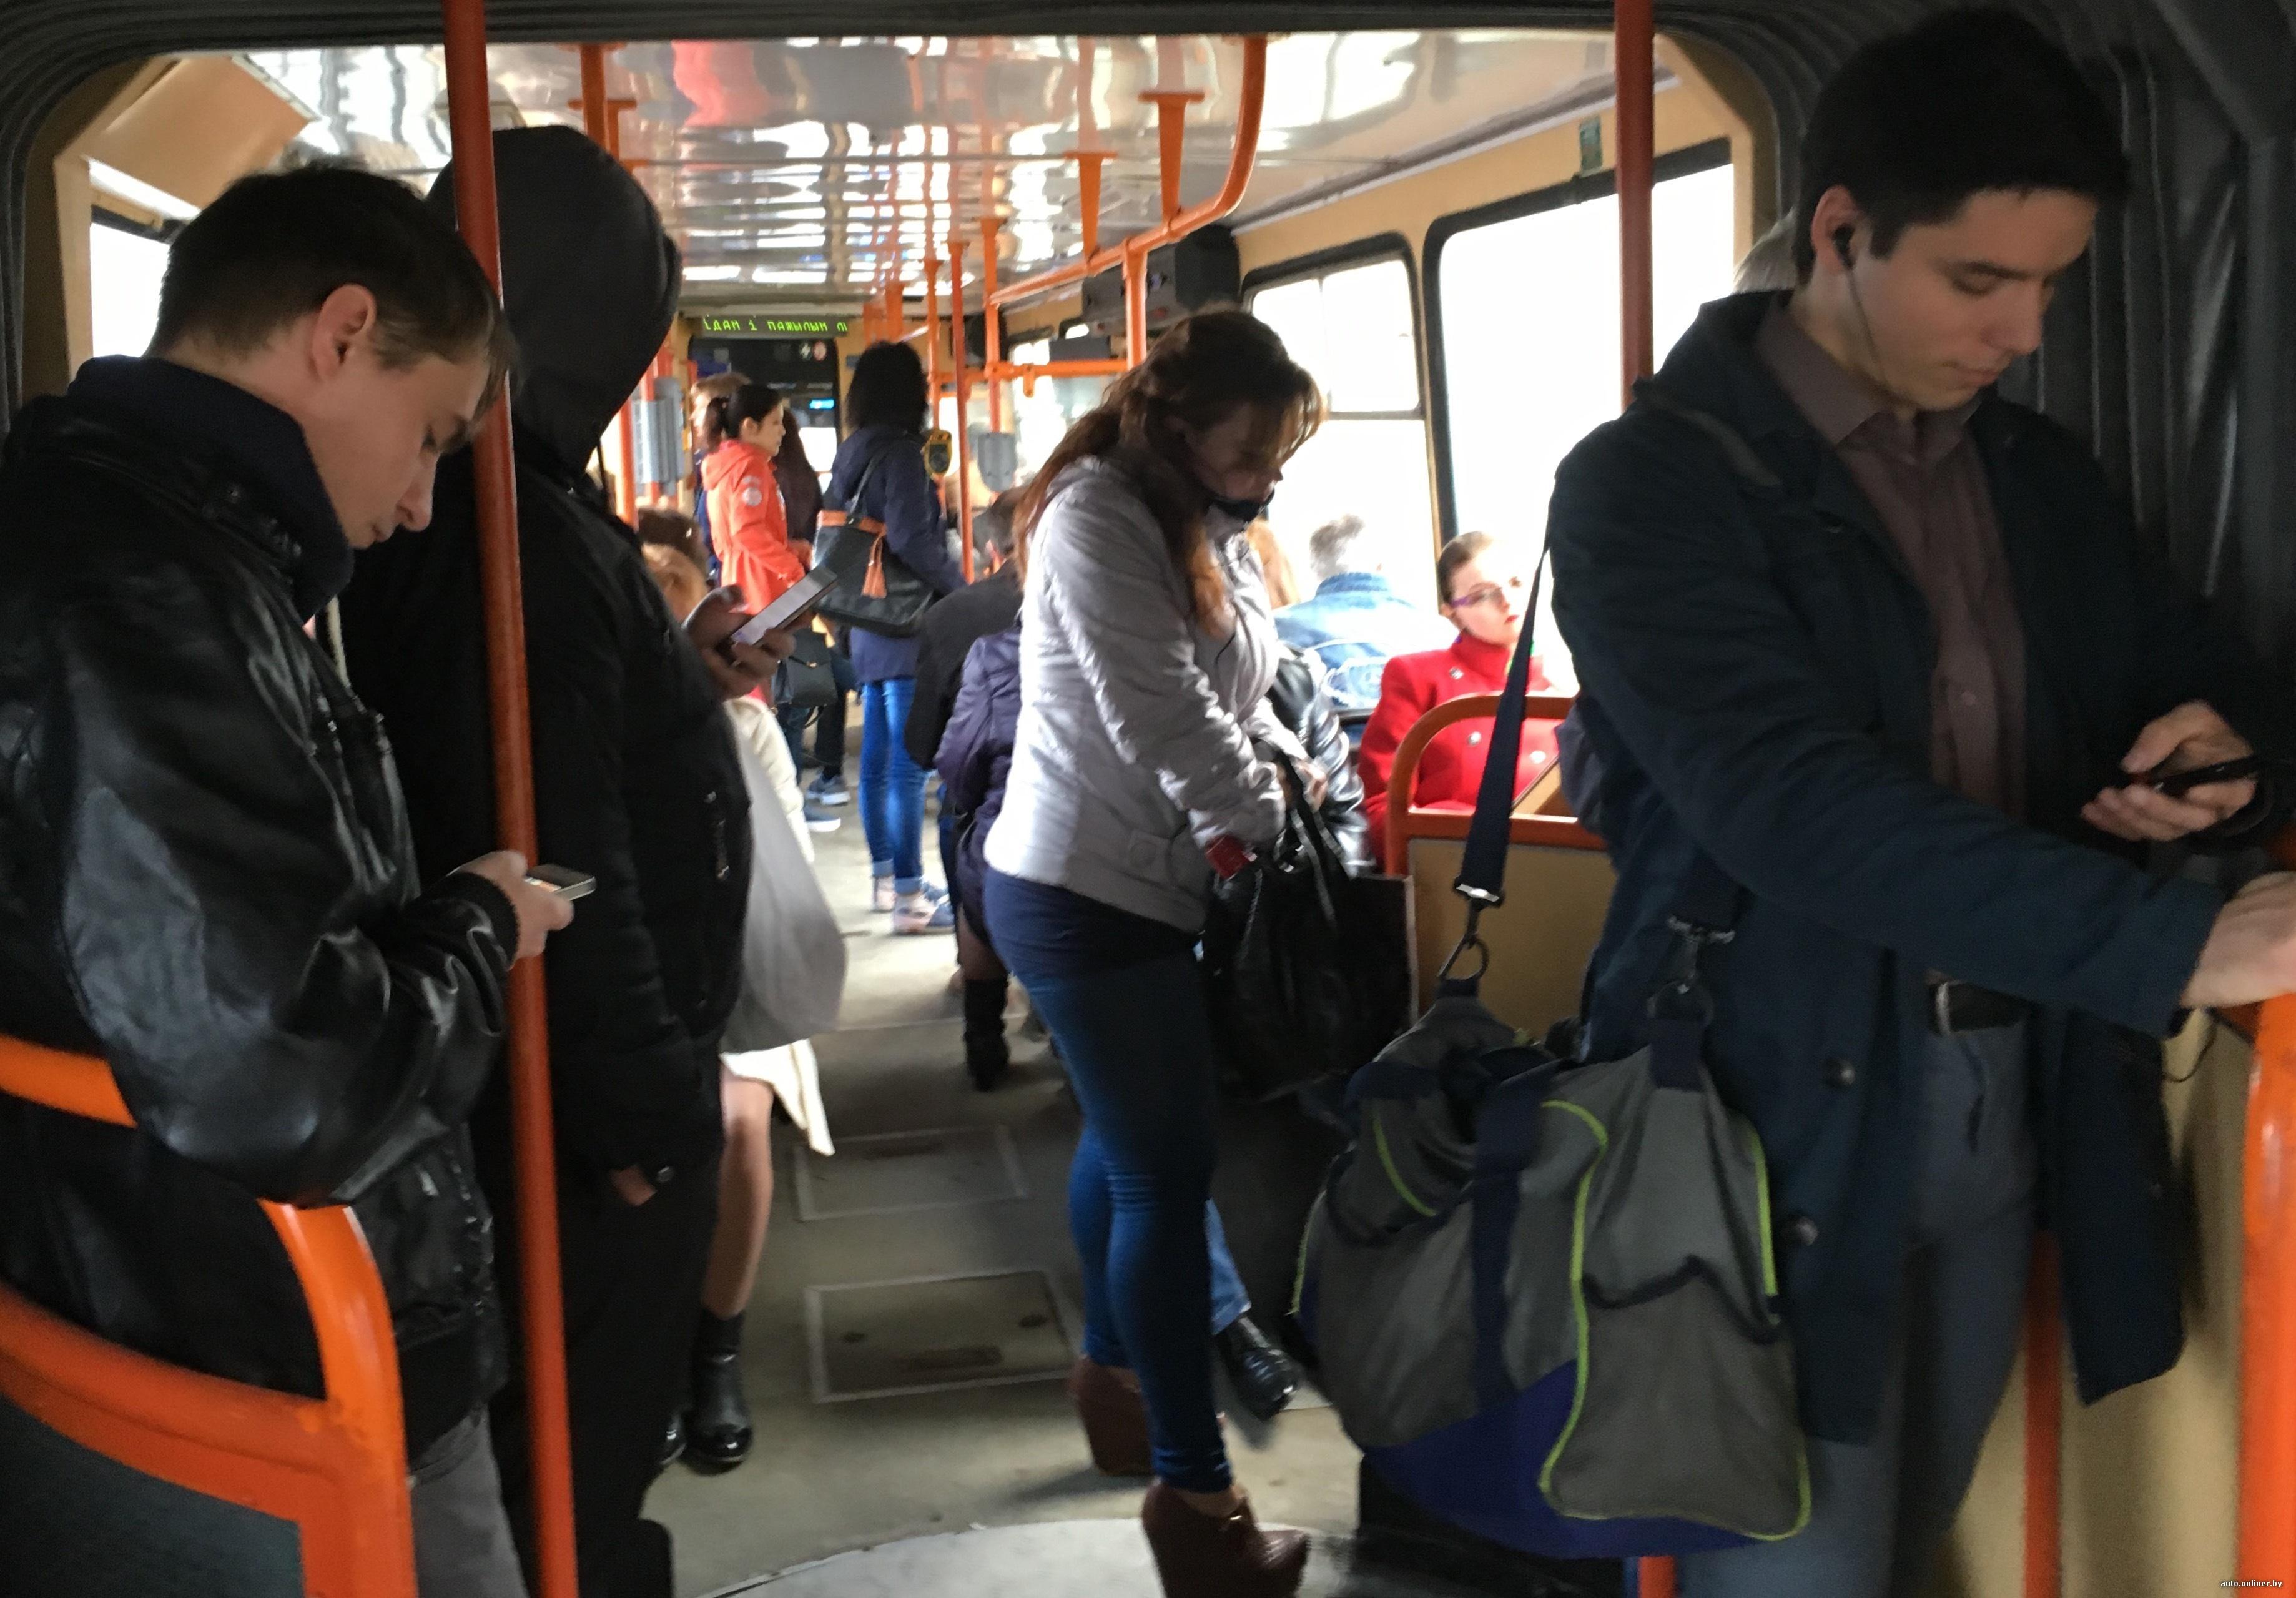 Пристающие на общественном транспорте девку потрахаться